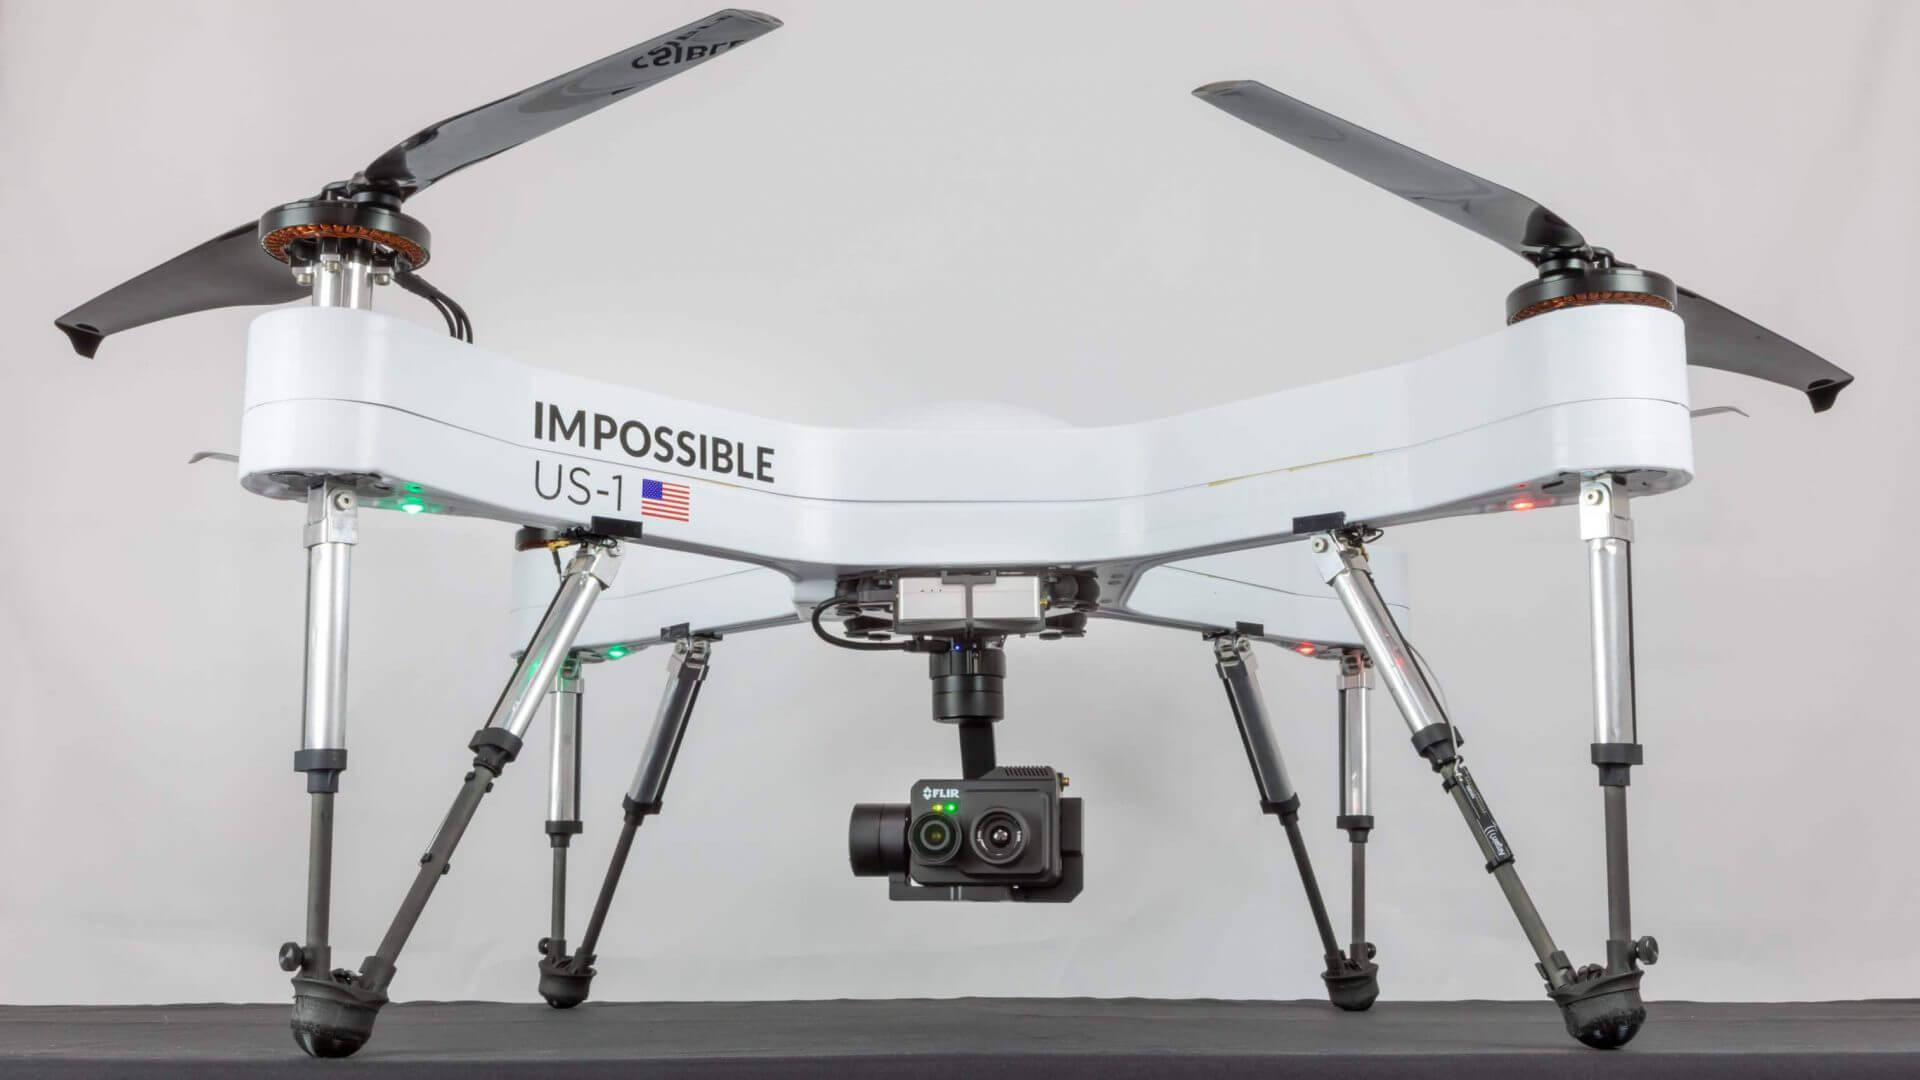 US-1 Impossible Aerospace - Drones